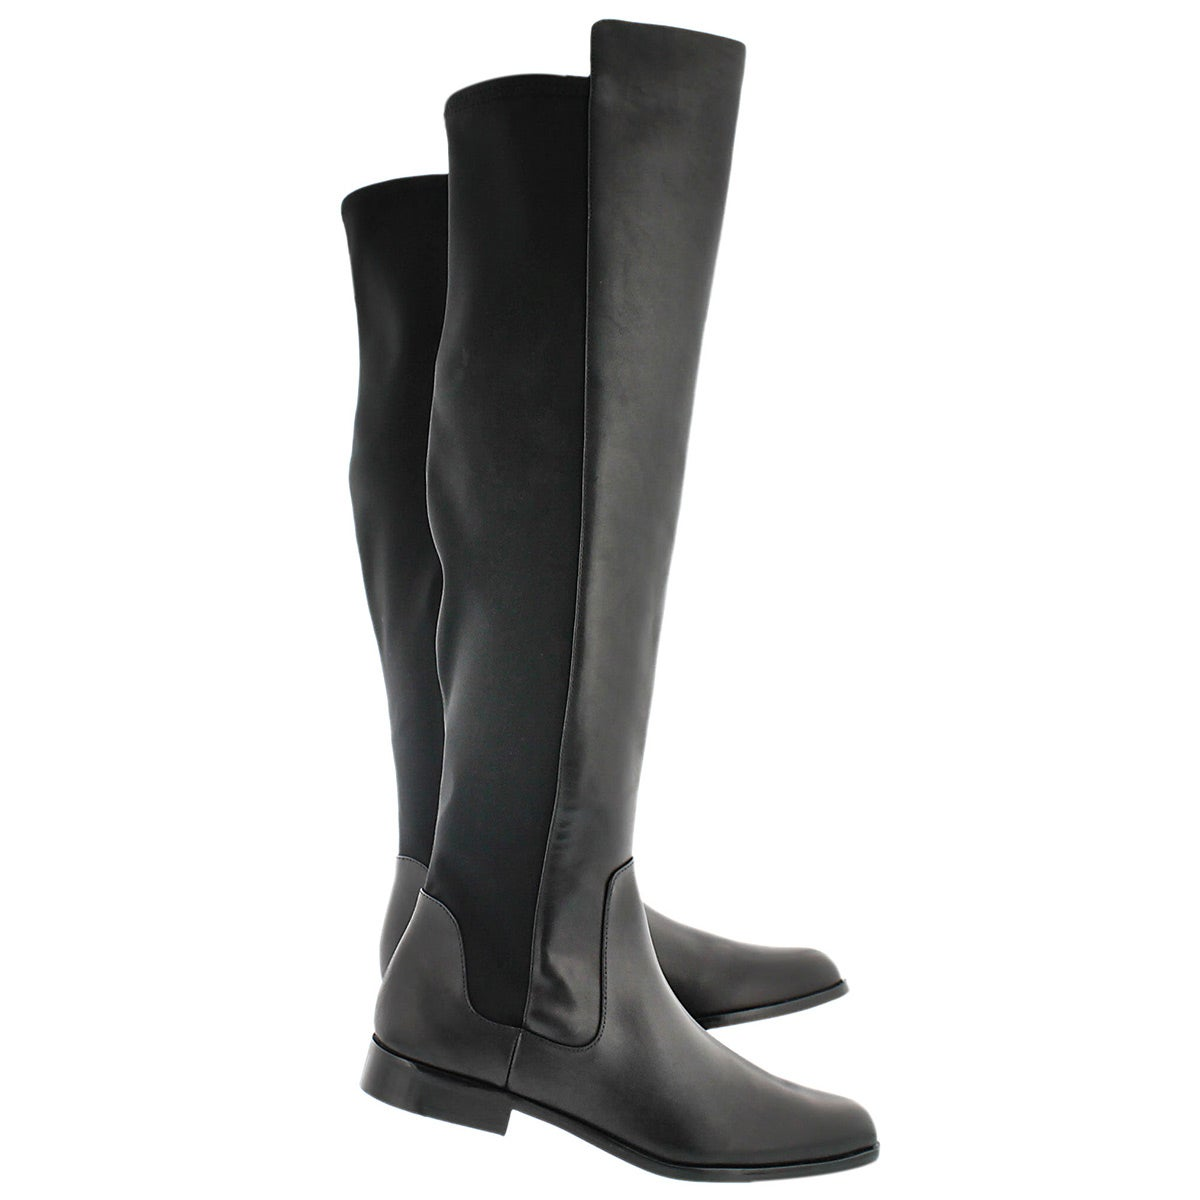 Lds Bizzy Girl black tall dress boot